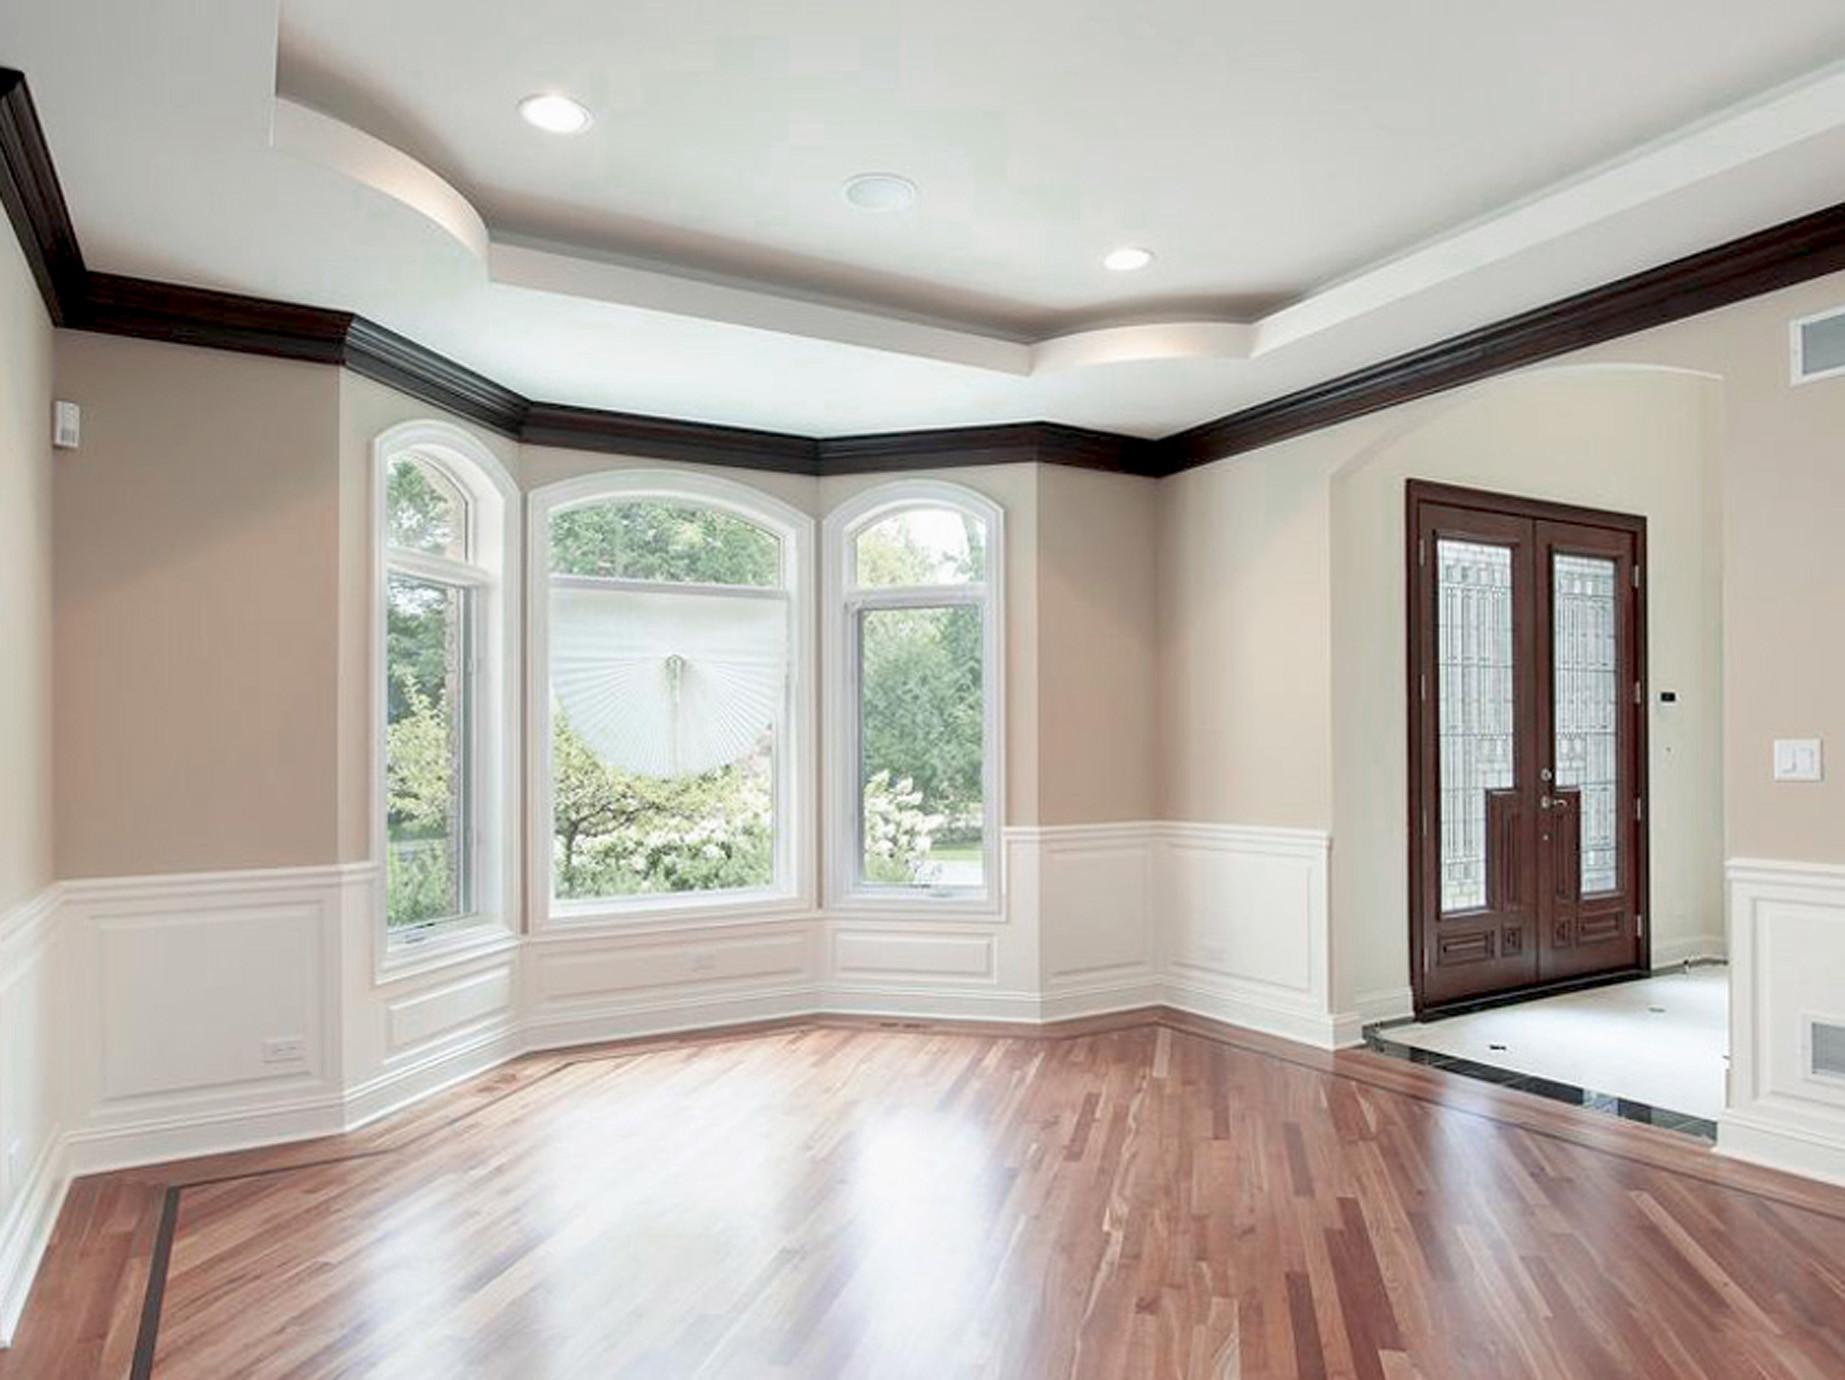 Акустический потолок в доме